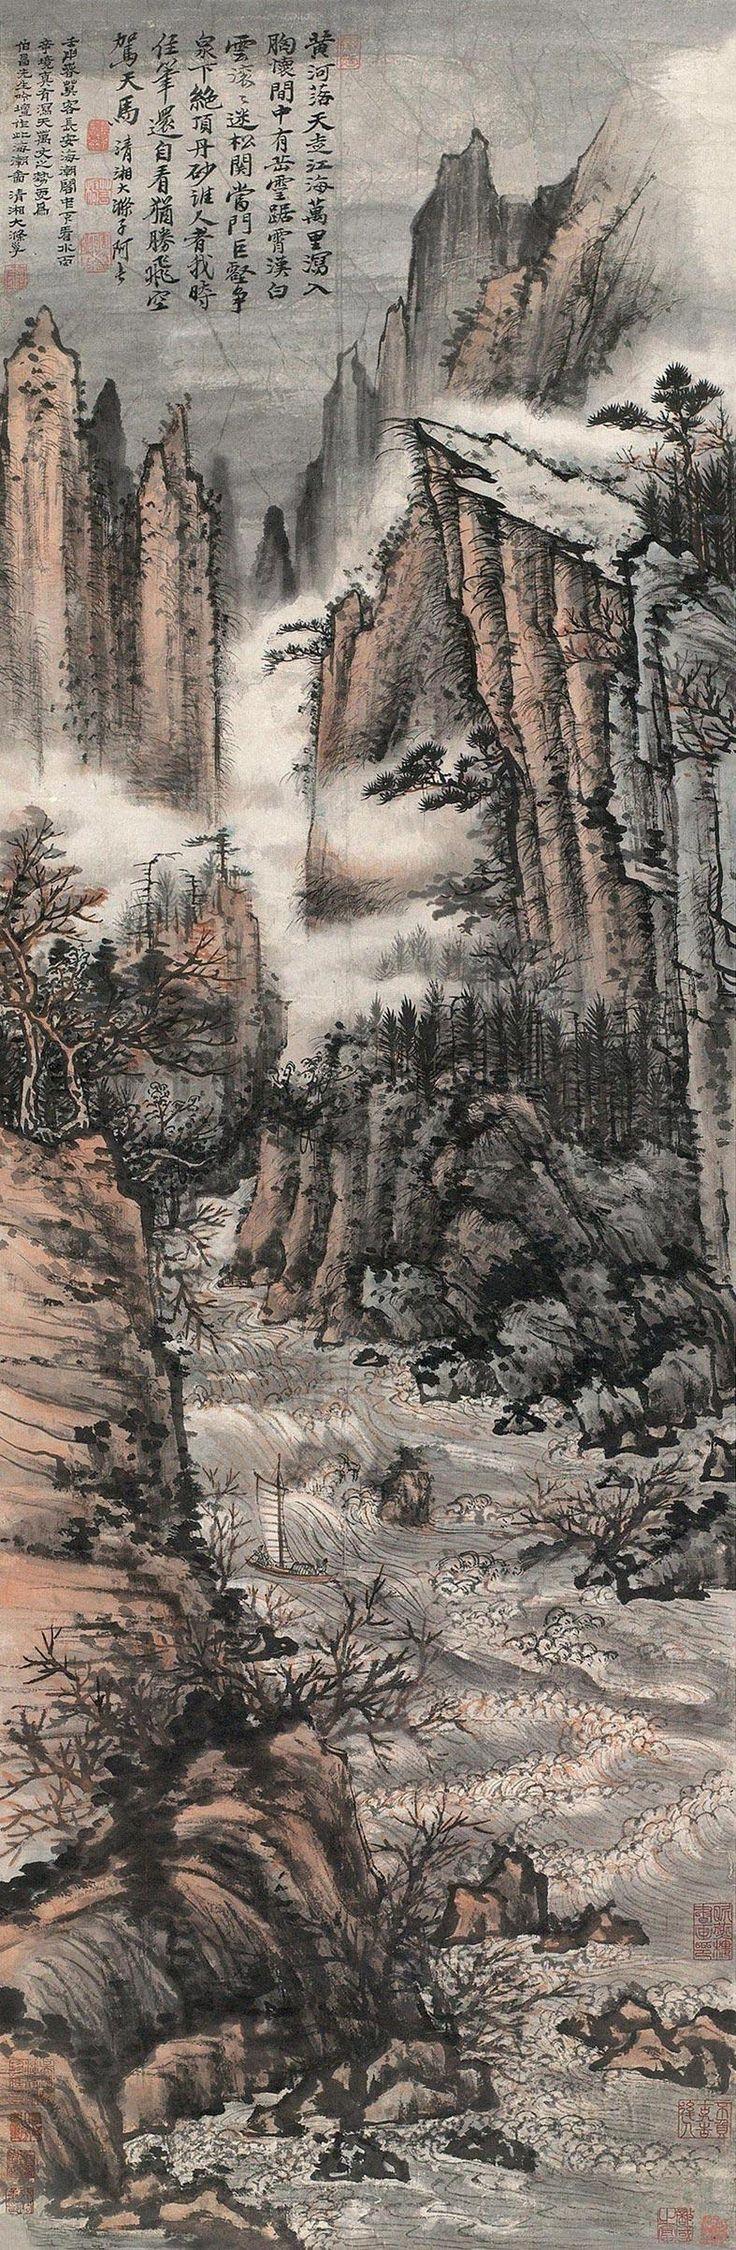 清代 - 石濤 - 海潮圖   1692年作           Shi Tao (1642–1707), was a Chinese landscape painter and poet during the early Qing Dynasty (1644–1911)